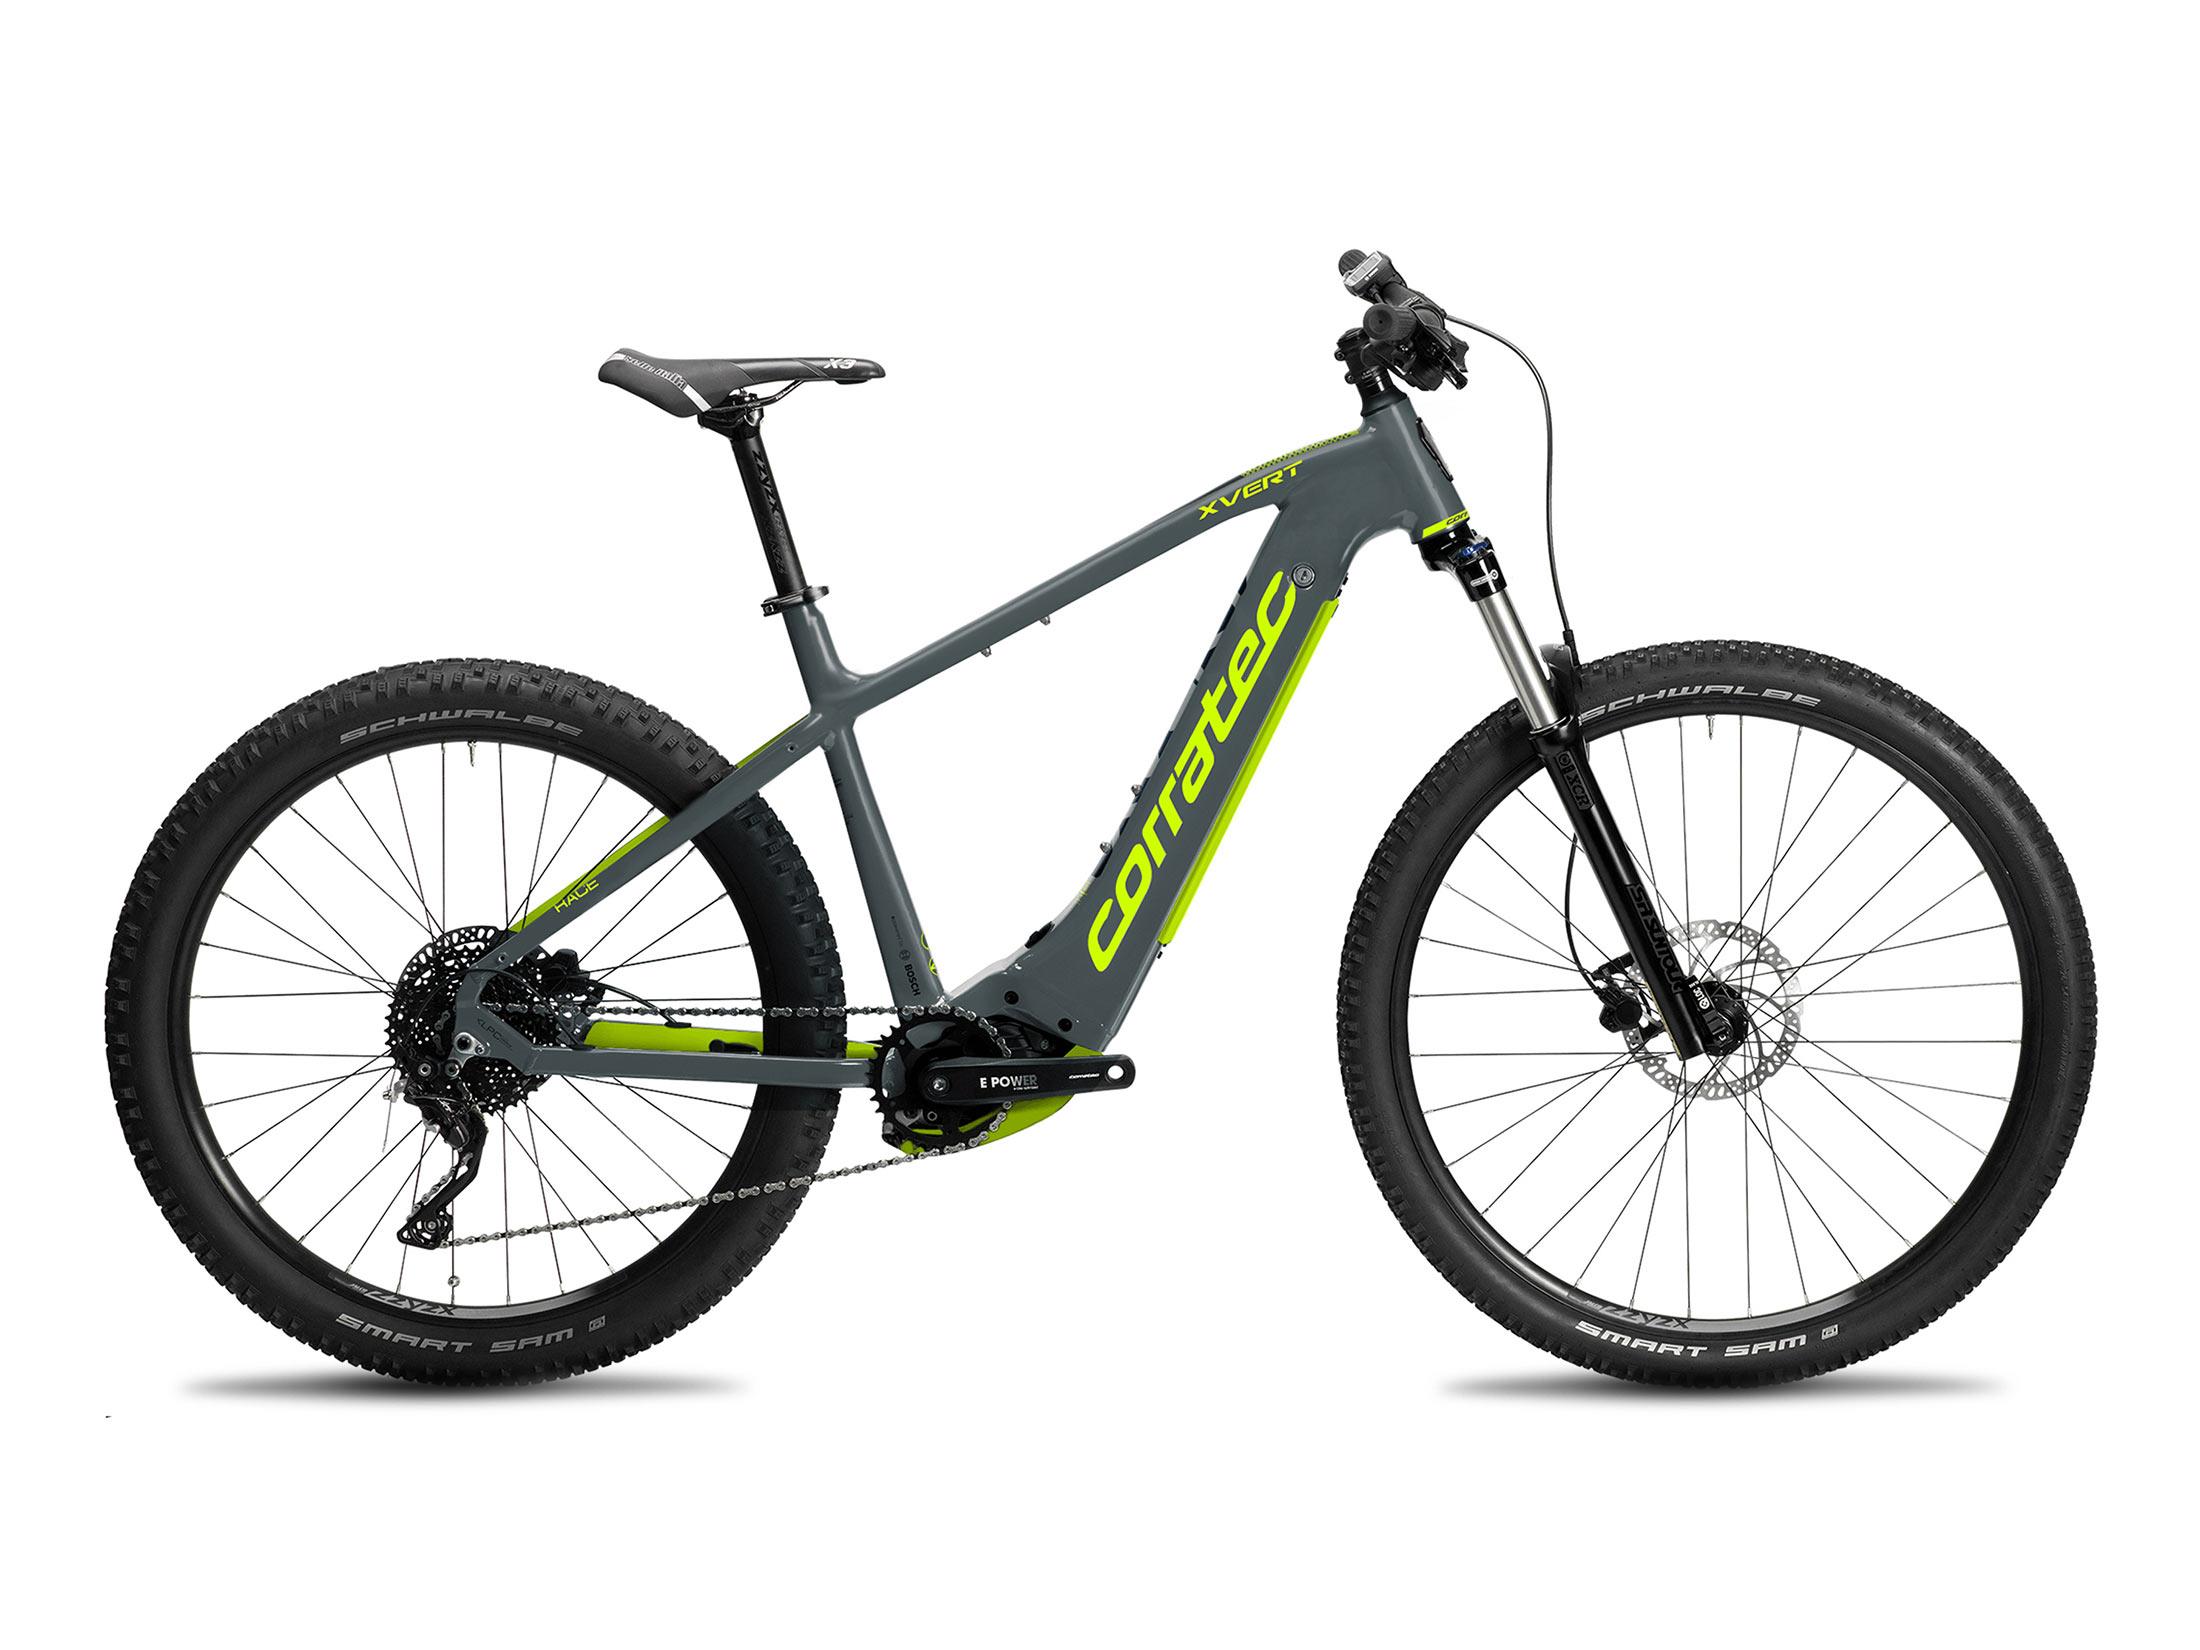 Ηλεκτρικό Ποδήλατο Corratec E-Power X-Vert Race Gent